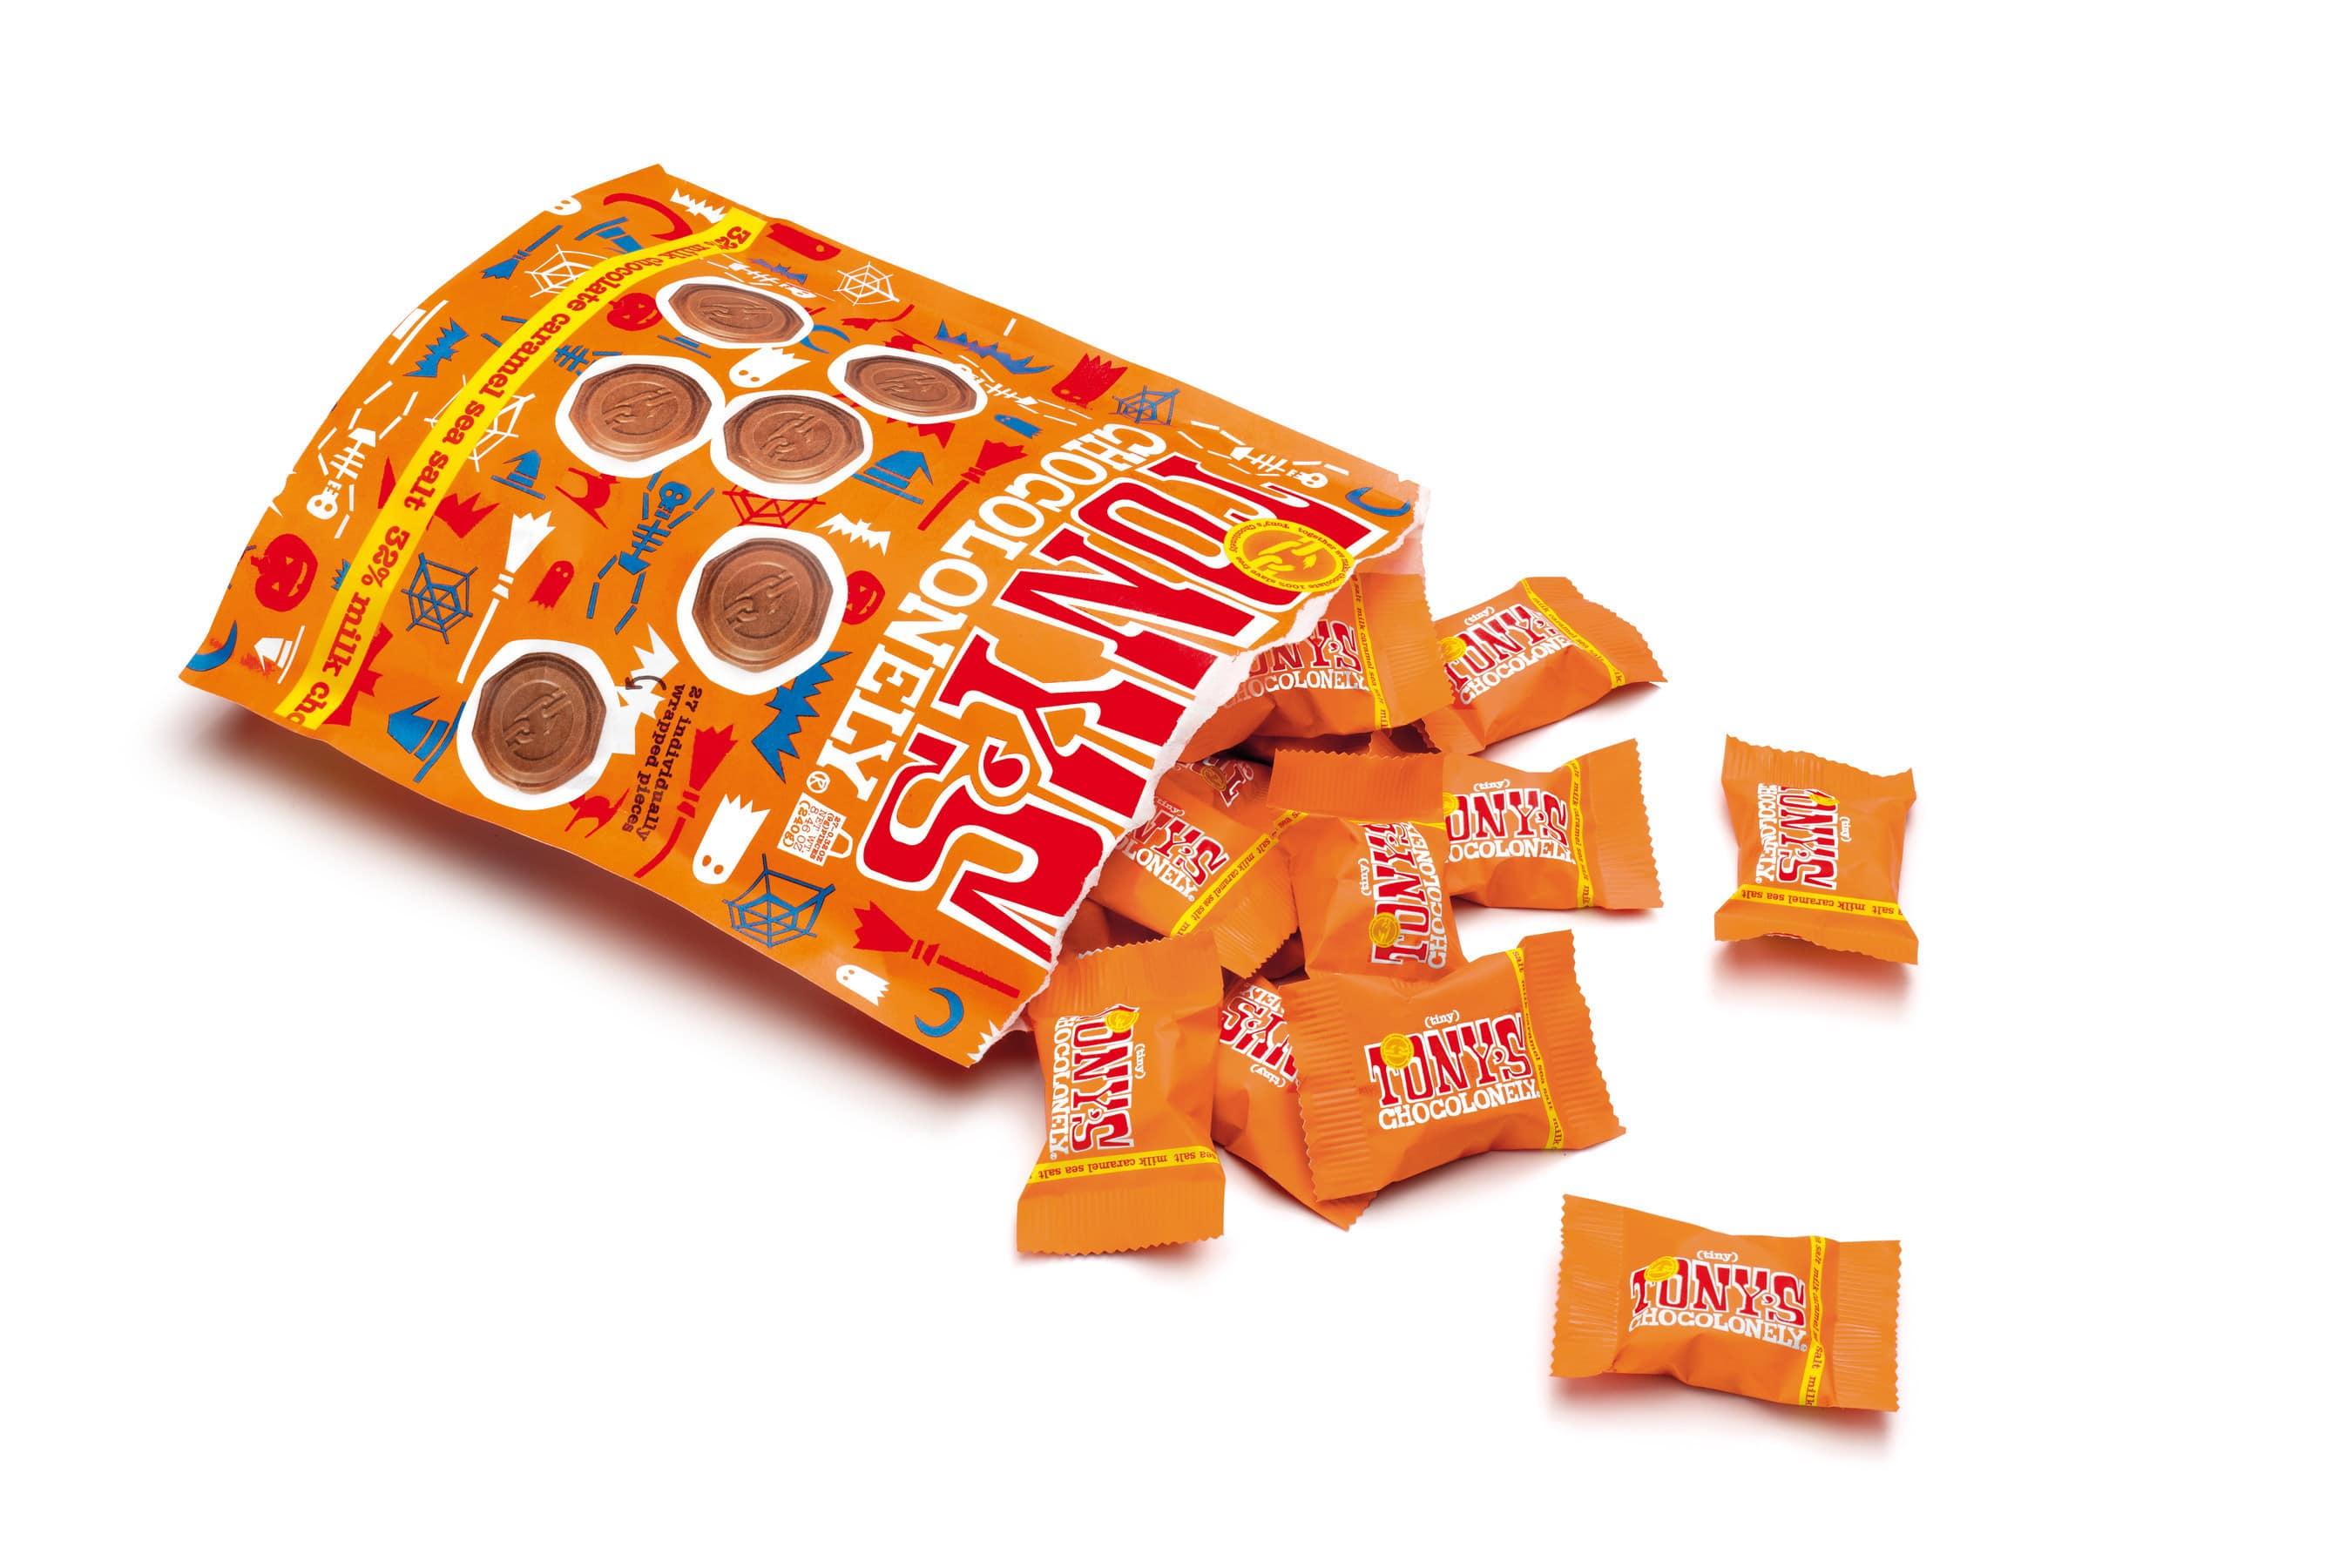 Tony's Chocolonely Introduces New Halloween Tiny Tony's